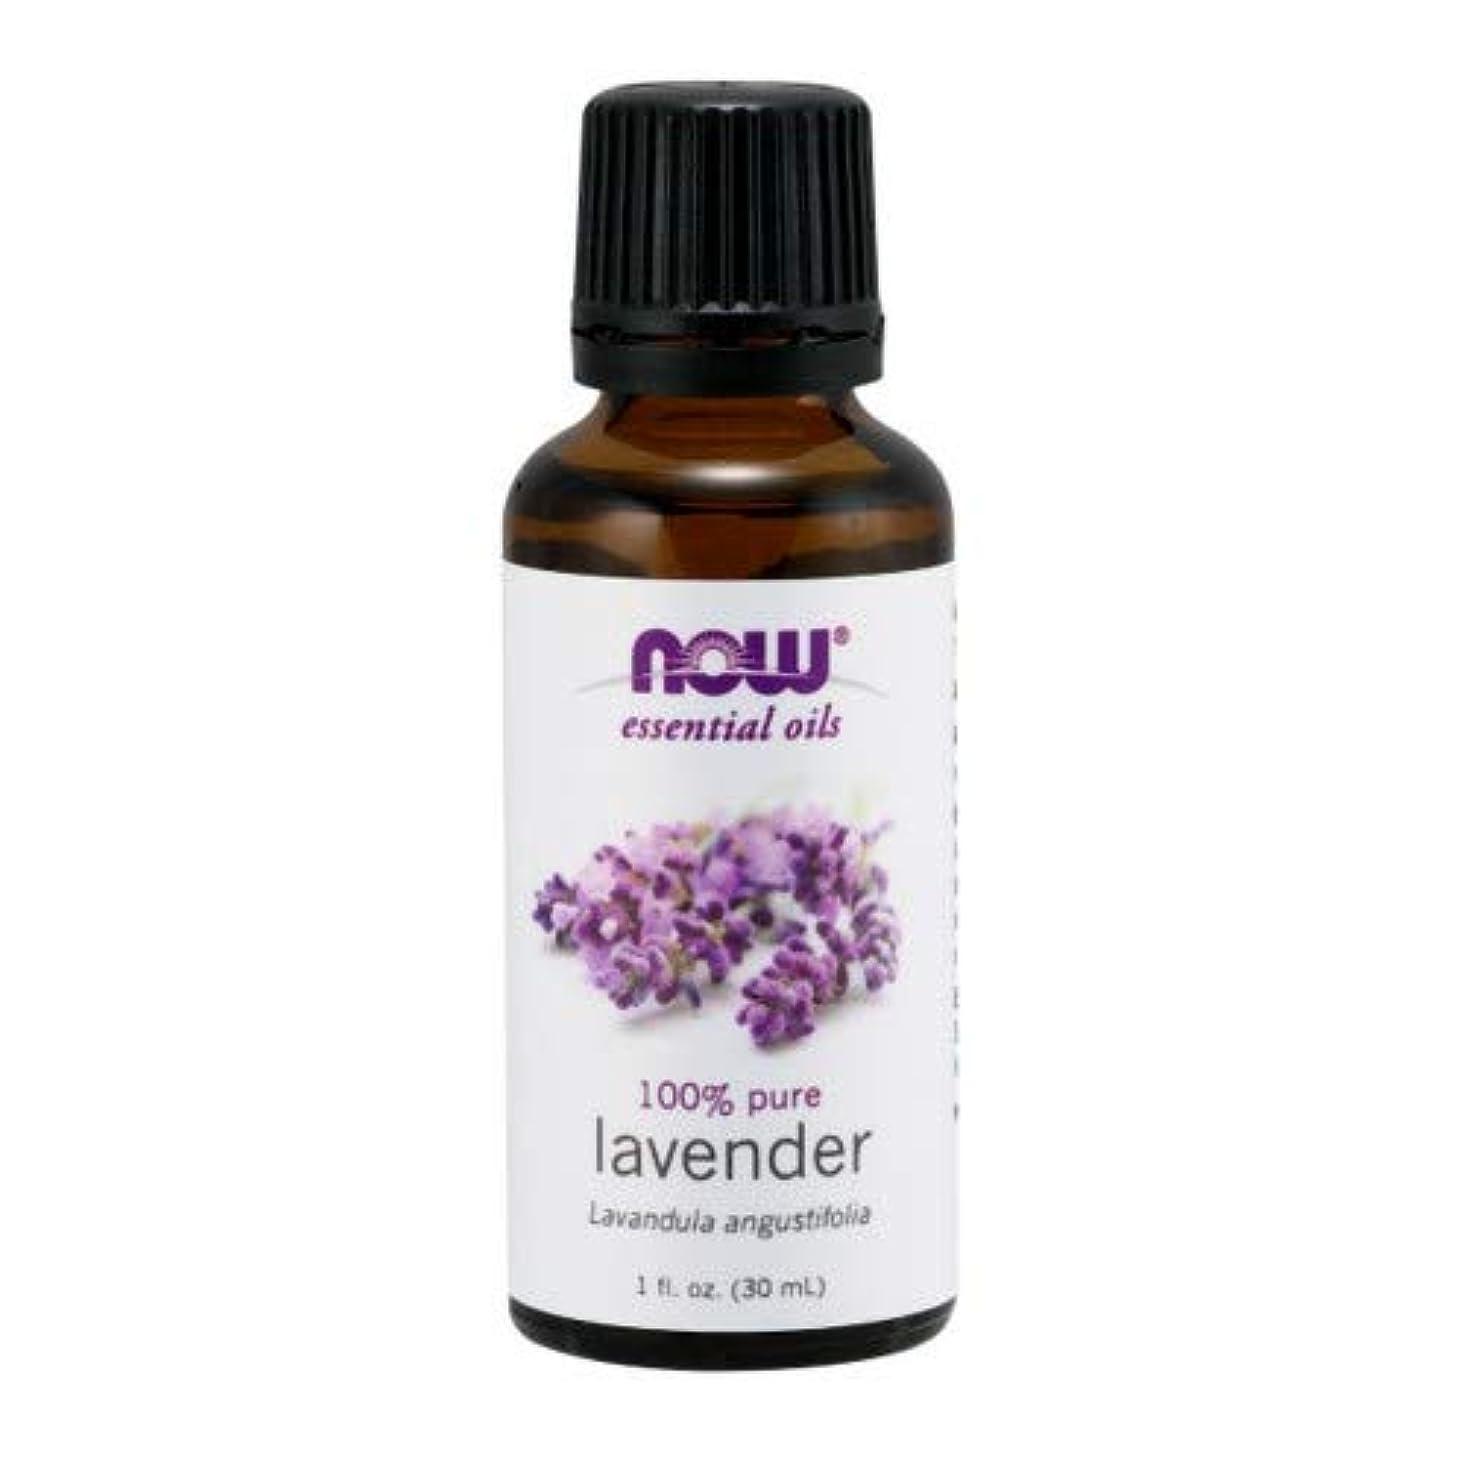 参加者パラナ川ヒゲクジラエッセンシャルオイル ラベンダーオイル 30ml 2個セット ナウフーズ 並行輸入品 NOW Foods Essential Oils Lavender 1 oz Pack of 2